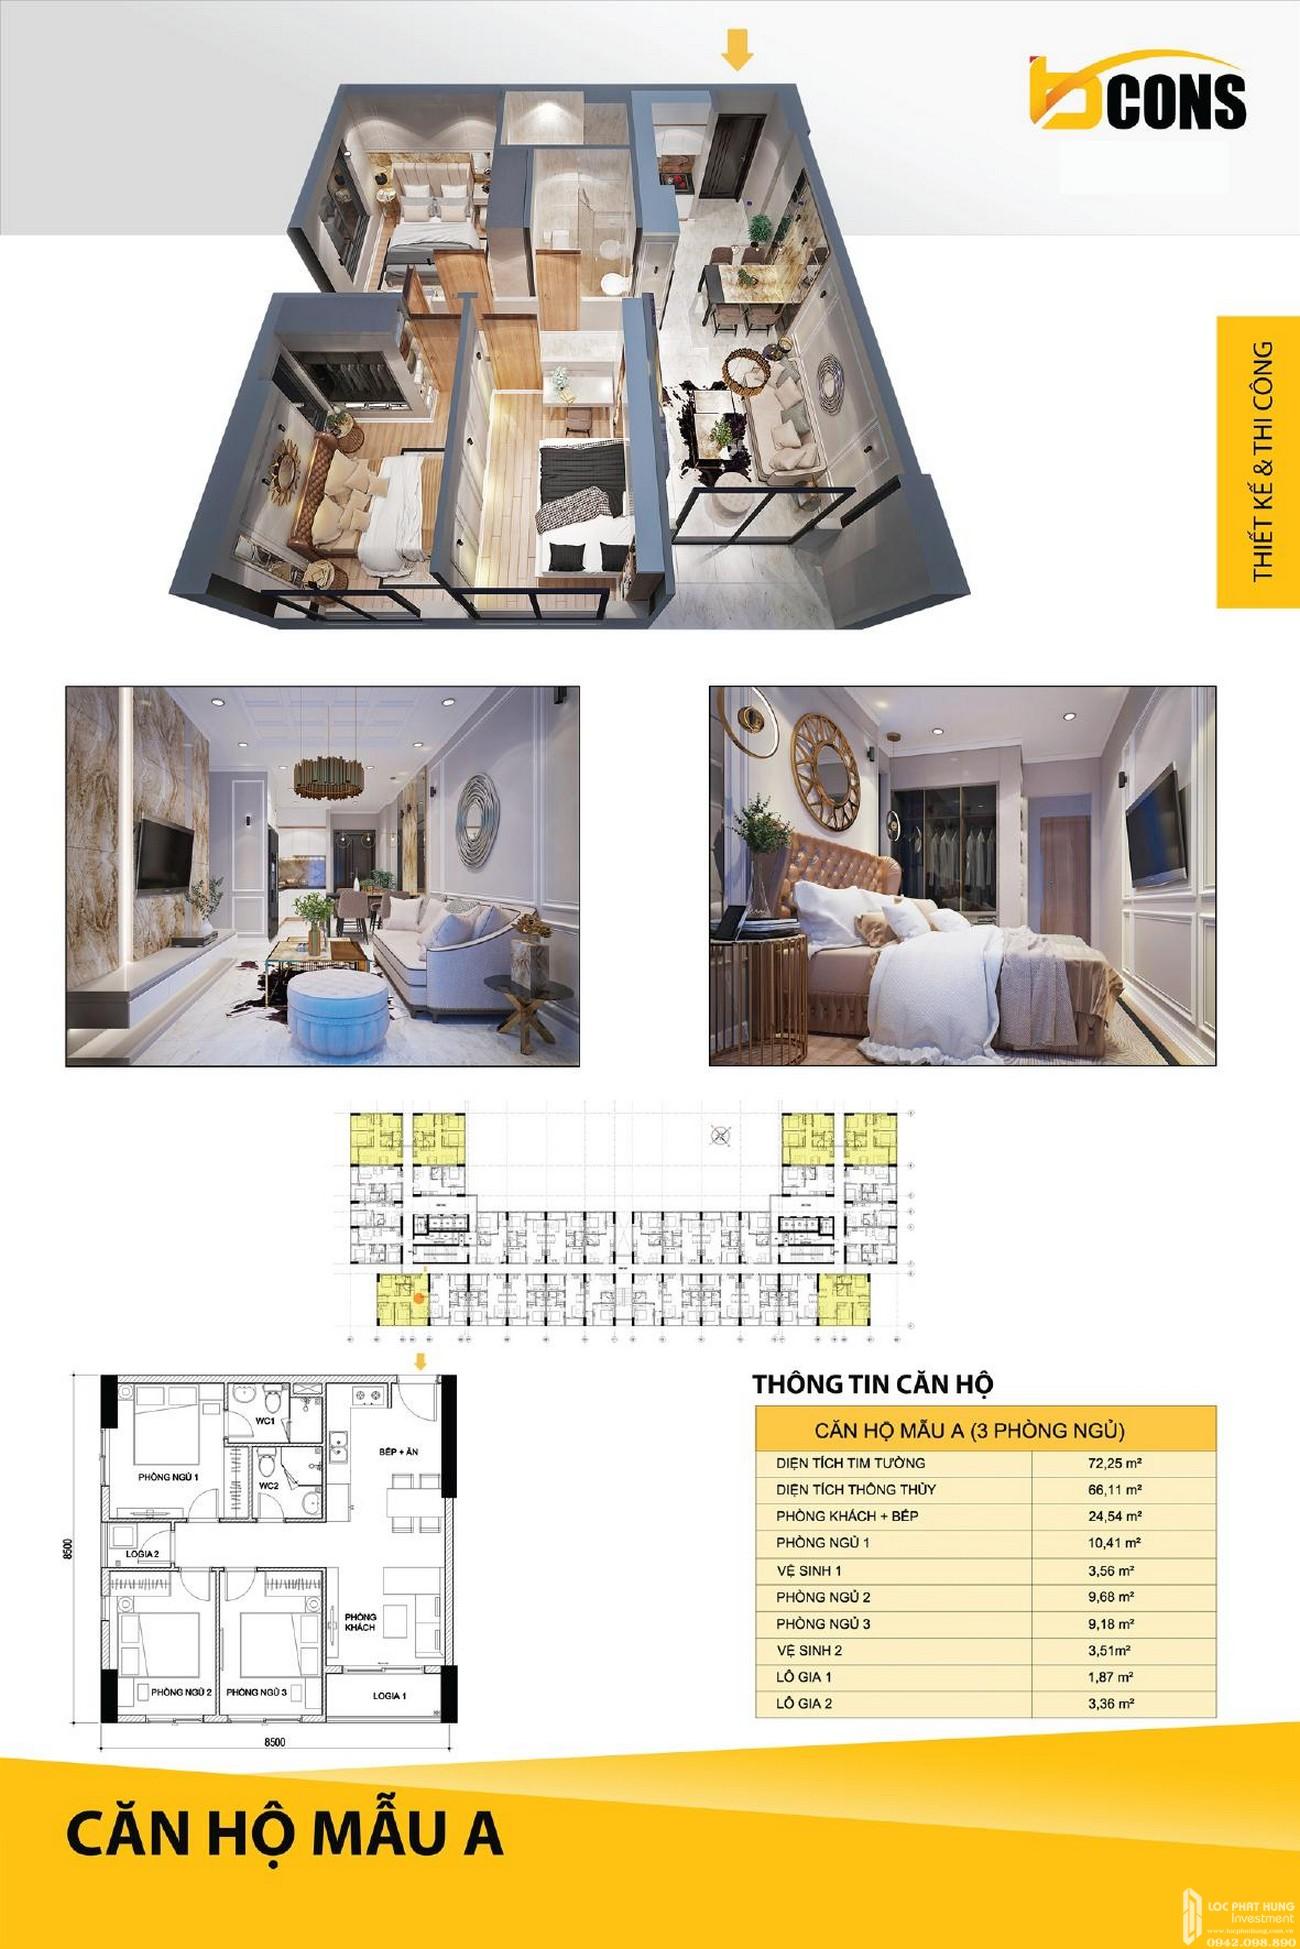 Thiết kế dự án Căn Hộ chung cư Bcons Miền Đông loại A Dĩ An Đường Tân Lập chủ đầu tư Bcons